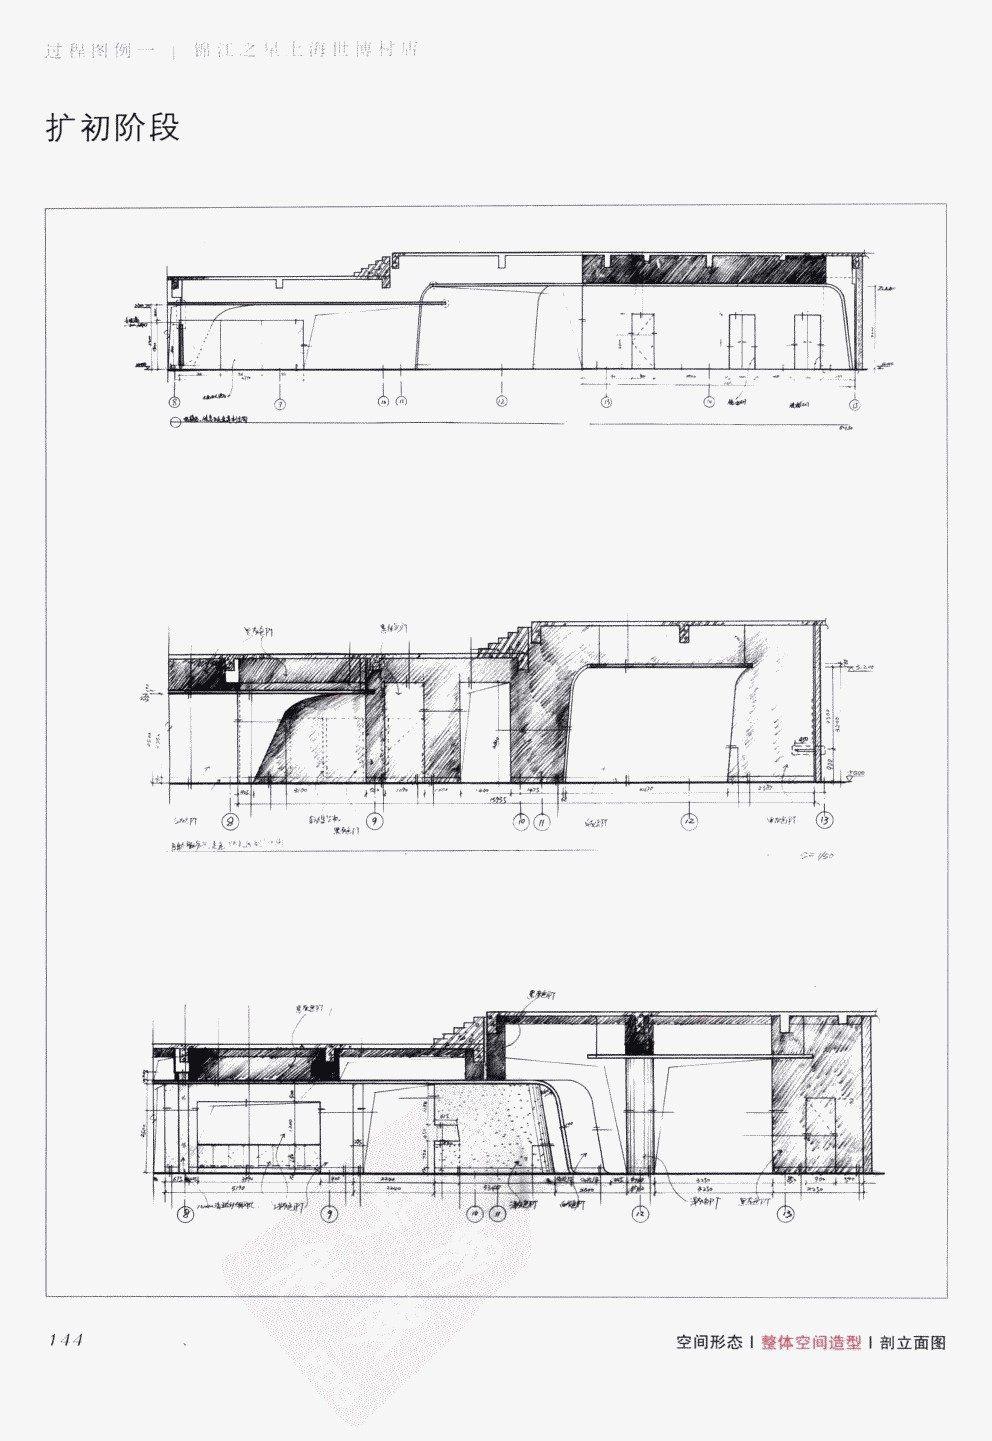 室内设计纲要++概念思考与过程表达_室内设计纲要  概念思考与过程表达_1297982..._页面_152.jpg